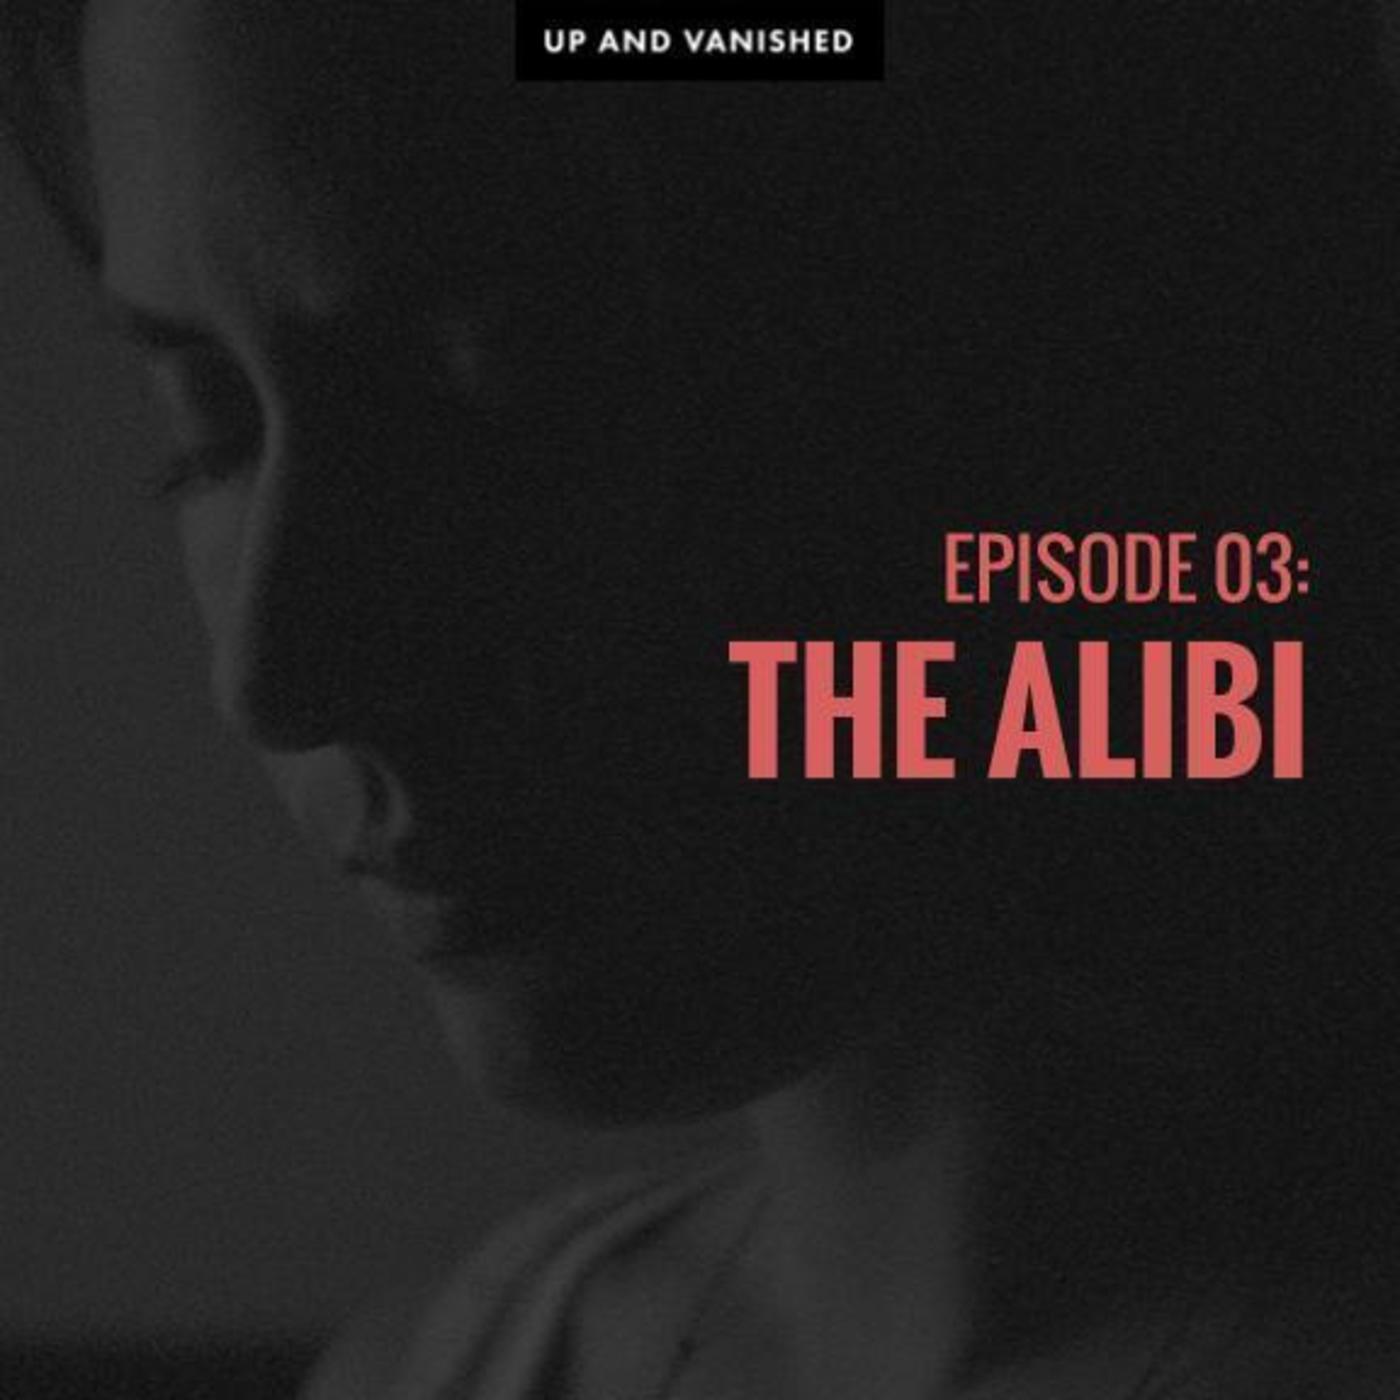 S1E3: The Alibi